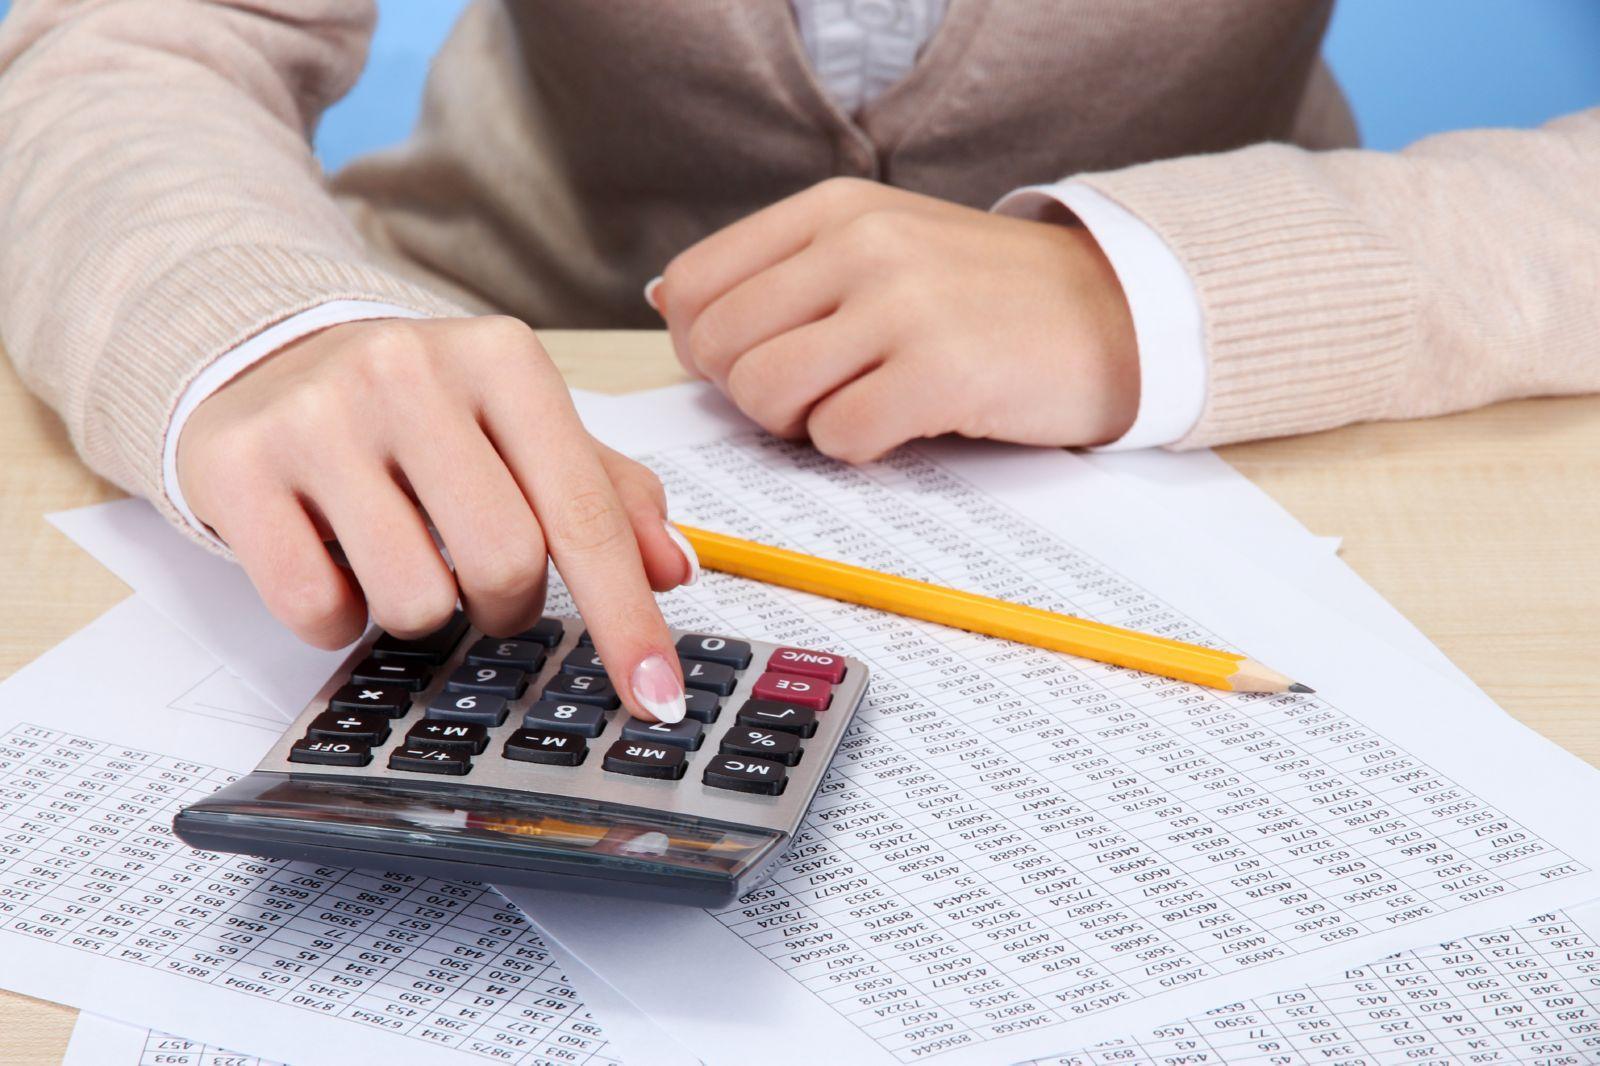 Как расчитать компенсацию отпуска правильно?